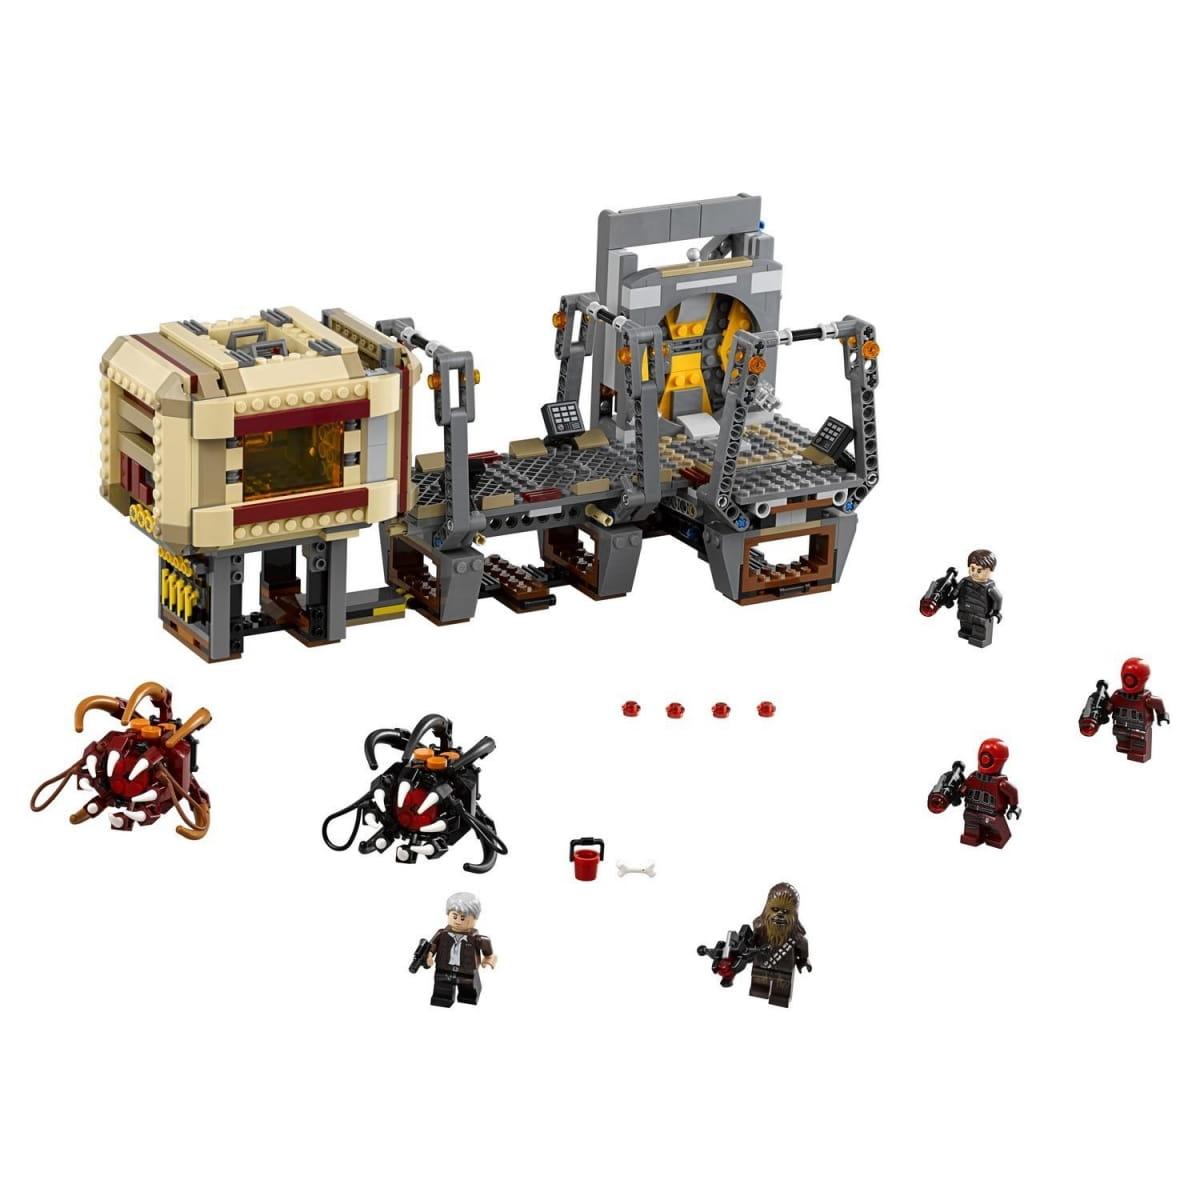 Конструктор Lego Star Wars Лего Звездные войны Побег Рафтара